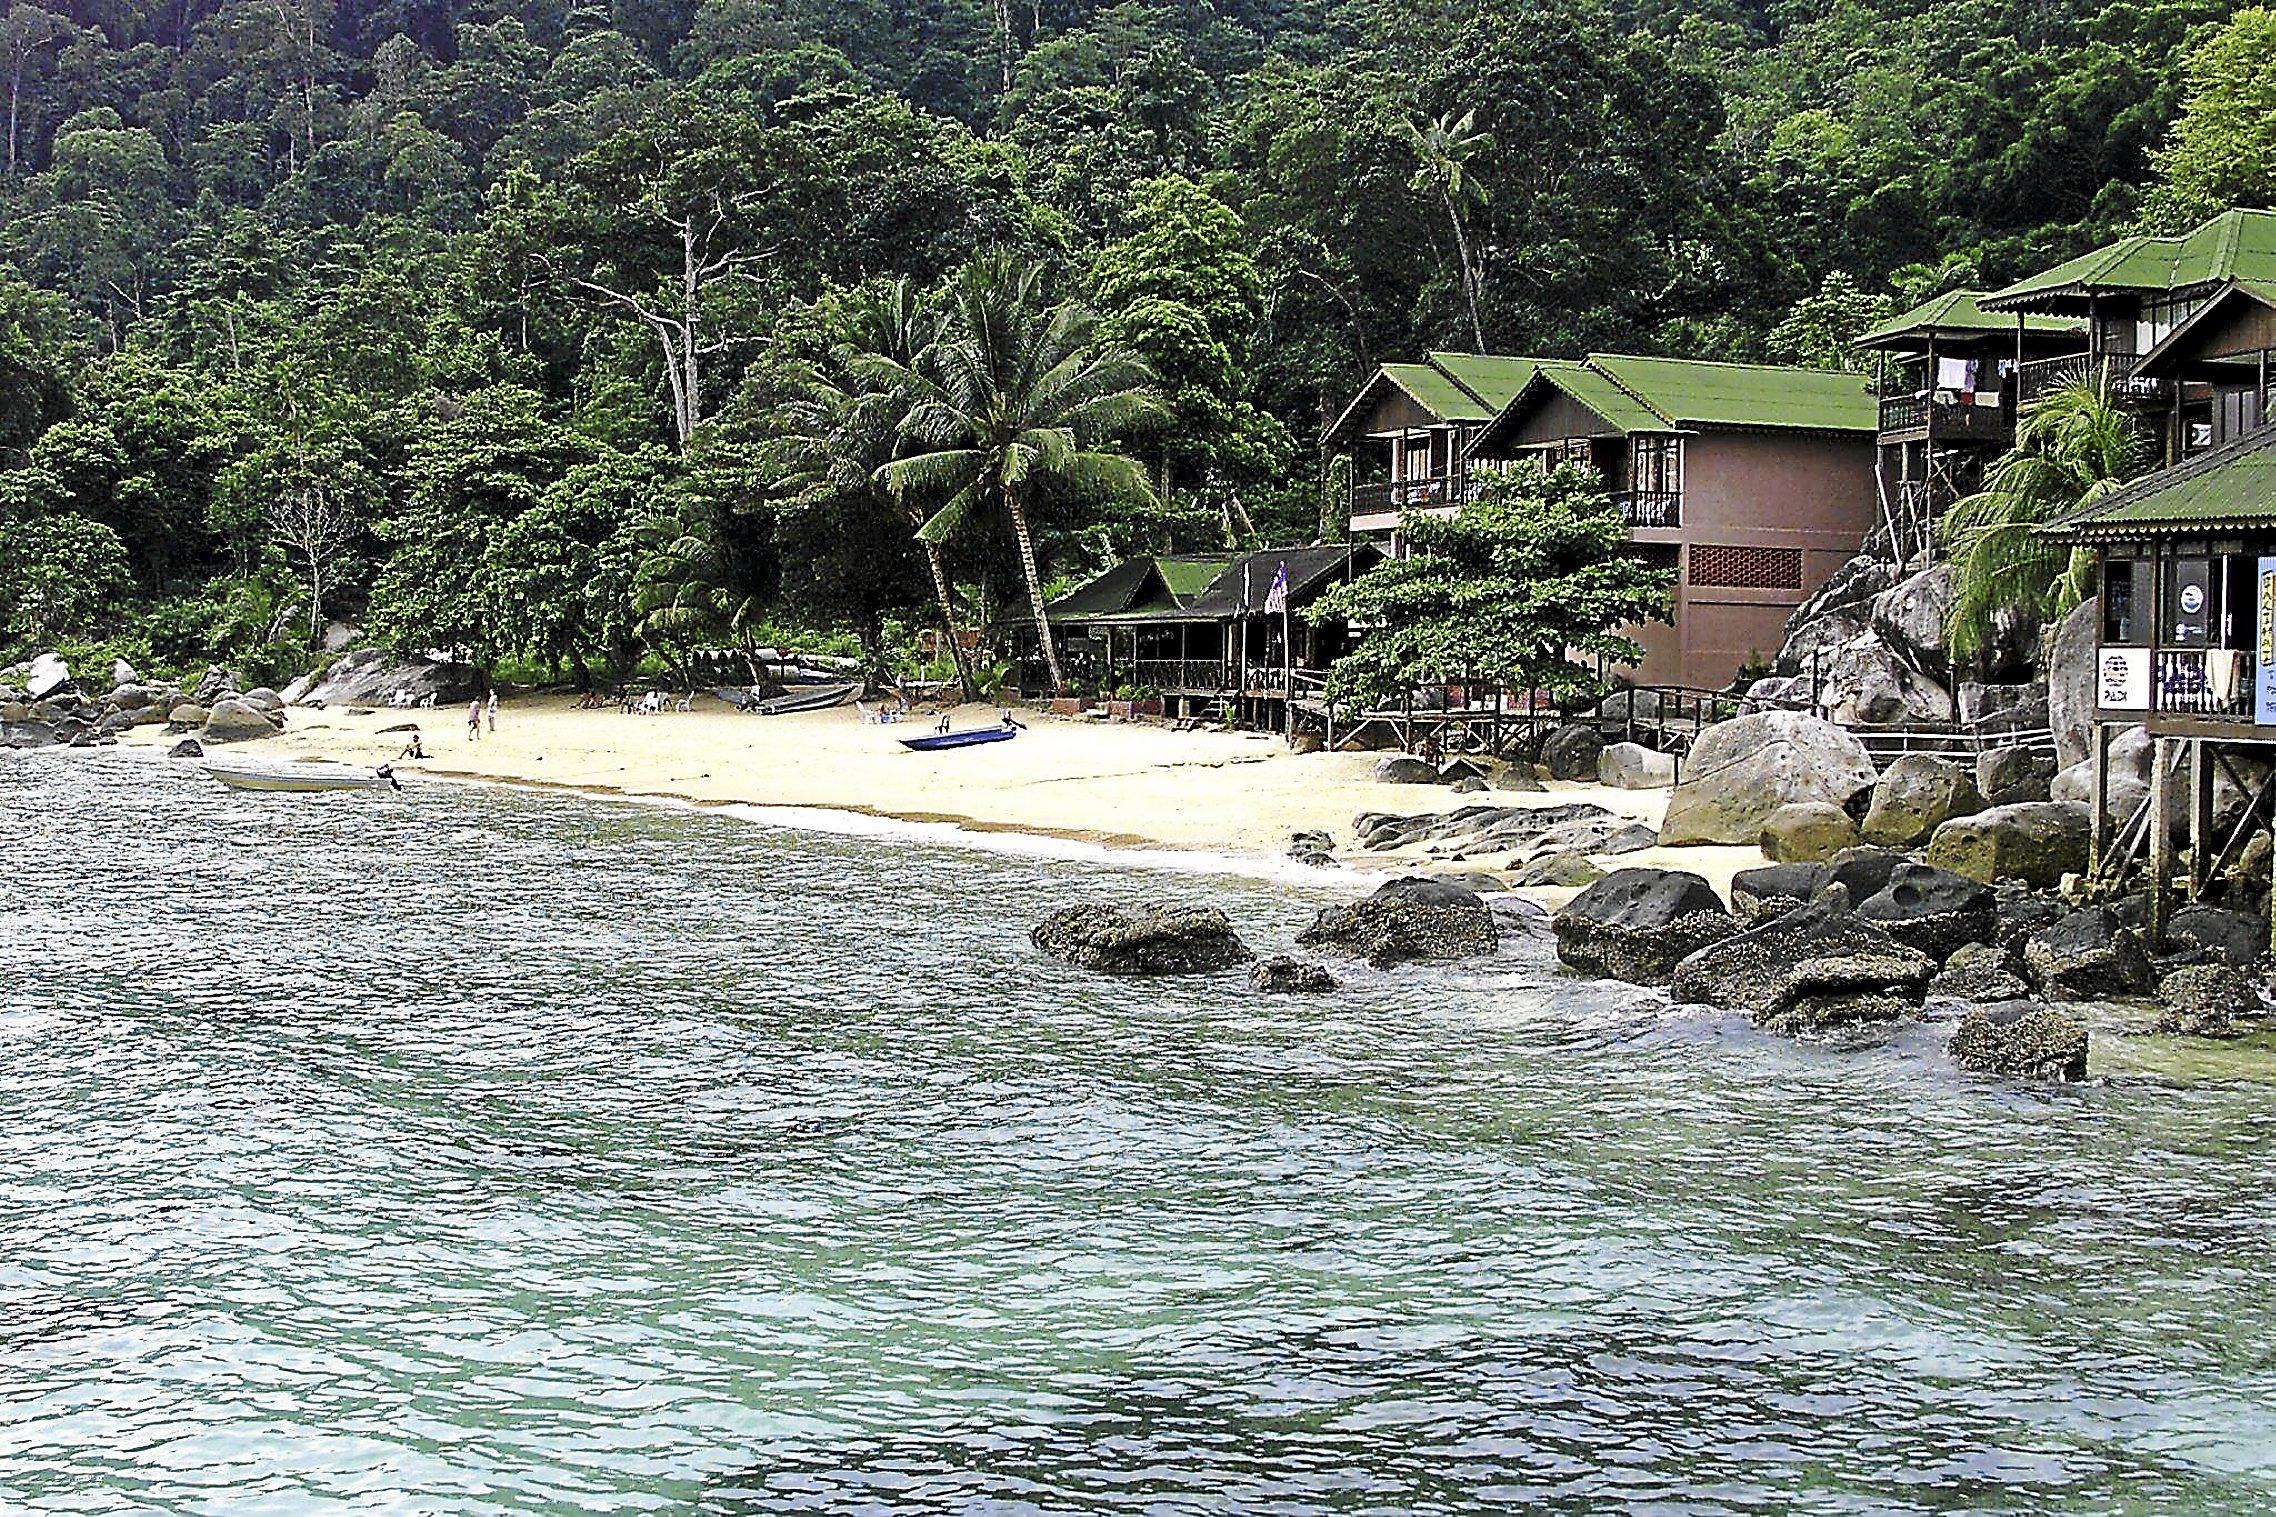 PULAU TIOMAN, 3 Dis -- Panuba Inn Resort di kawasan bukit seluas 0.4 hektar di Teluk Panuba, di bahagian barat Pulau Tioman, menyediakan kemudahan penginapan yang unik dan kini popular di kalangan pelancong luar terutamanya para penyelam.-- fotoBERNAMA HAKCIPTA TERPELIHARA